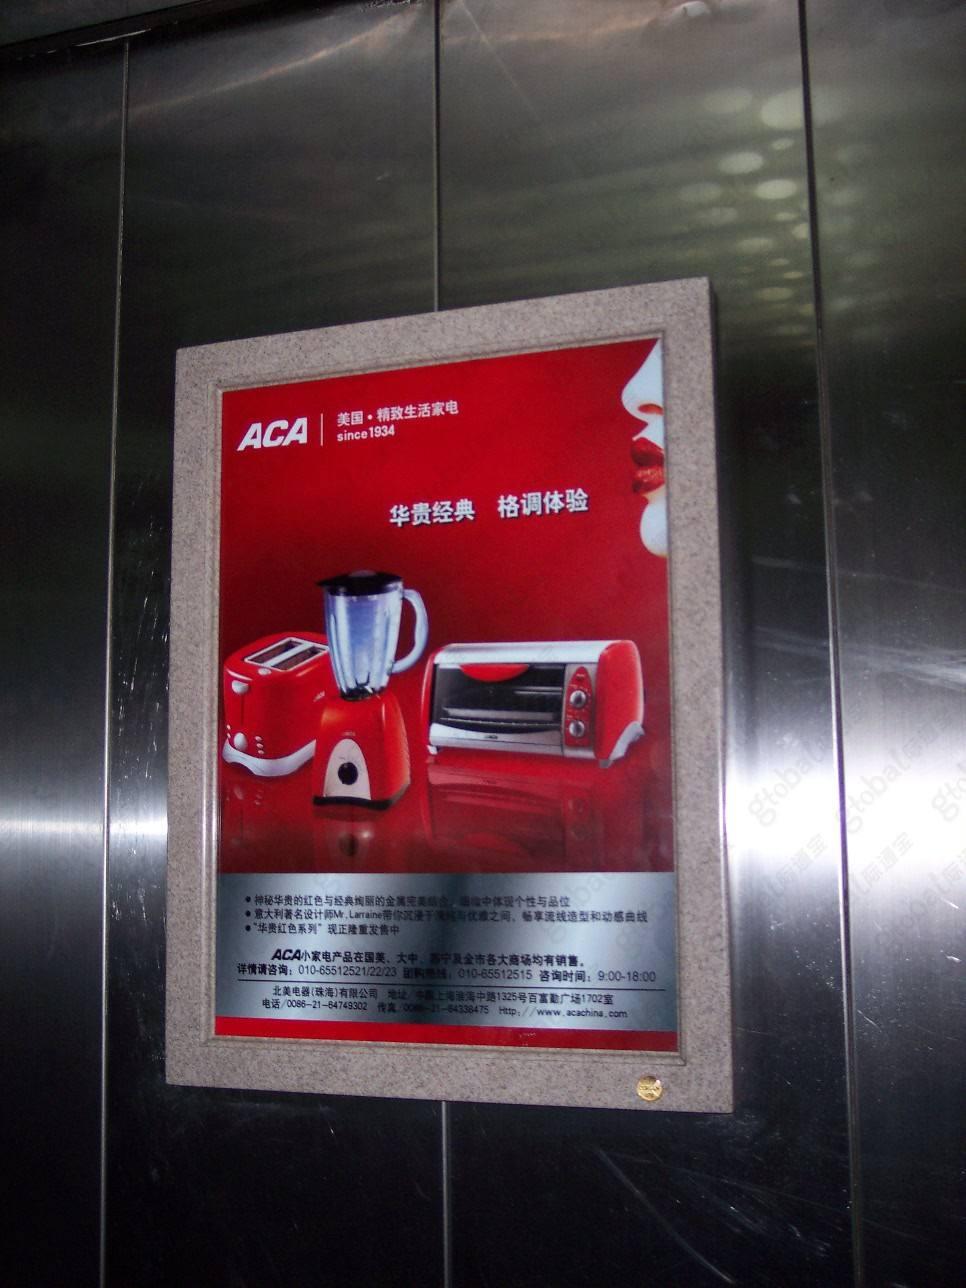 天津高端小区电梯广告-分众资源低至2折